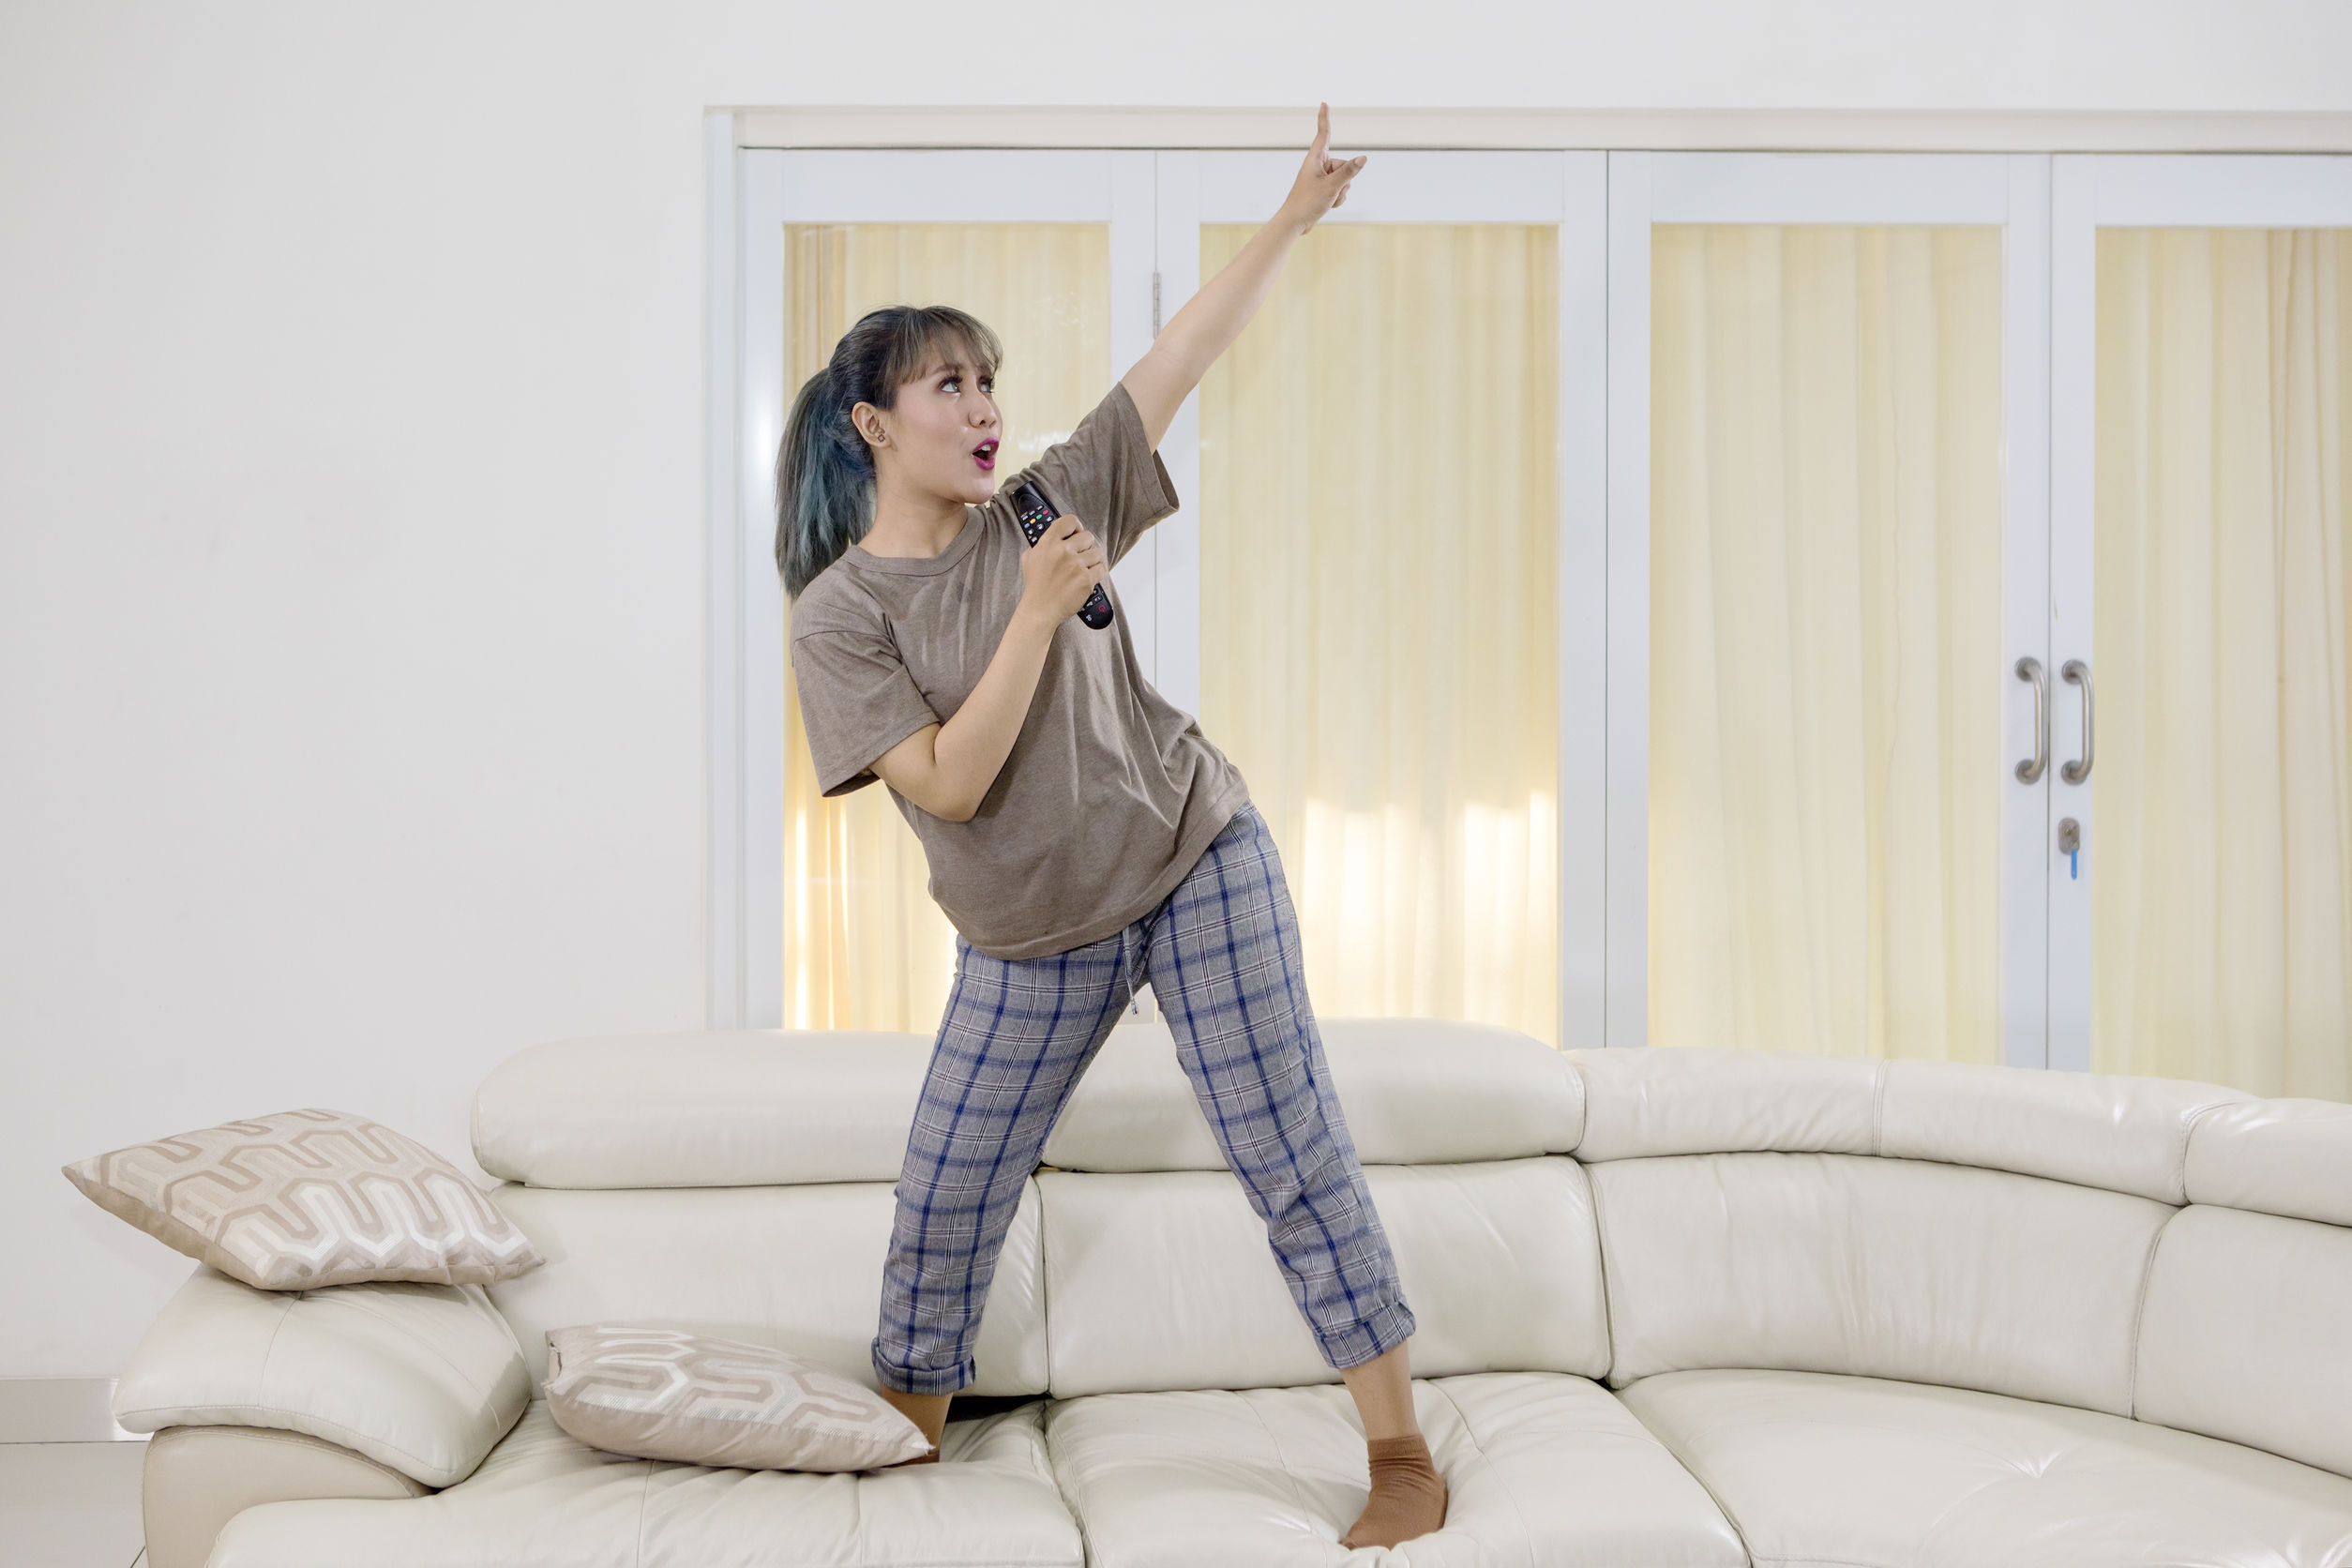 Mujer joven canta y baila en el sofá